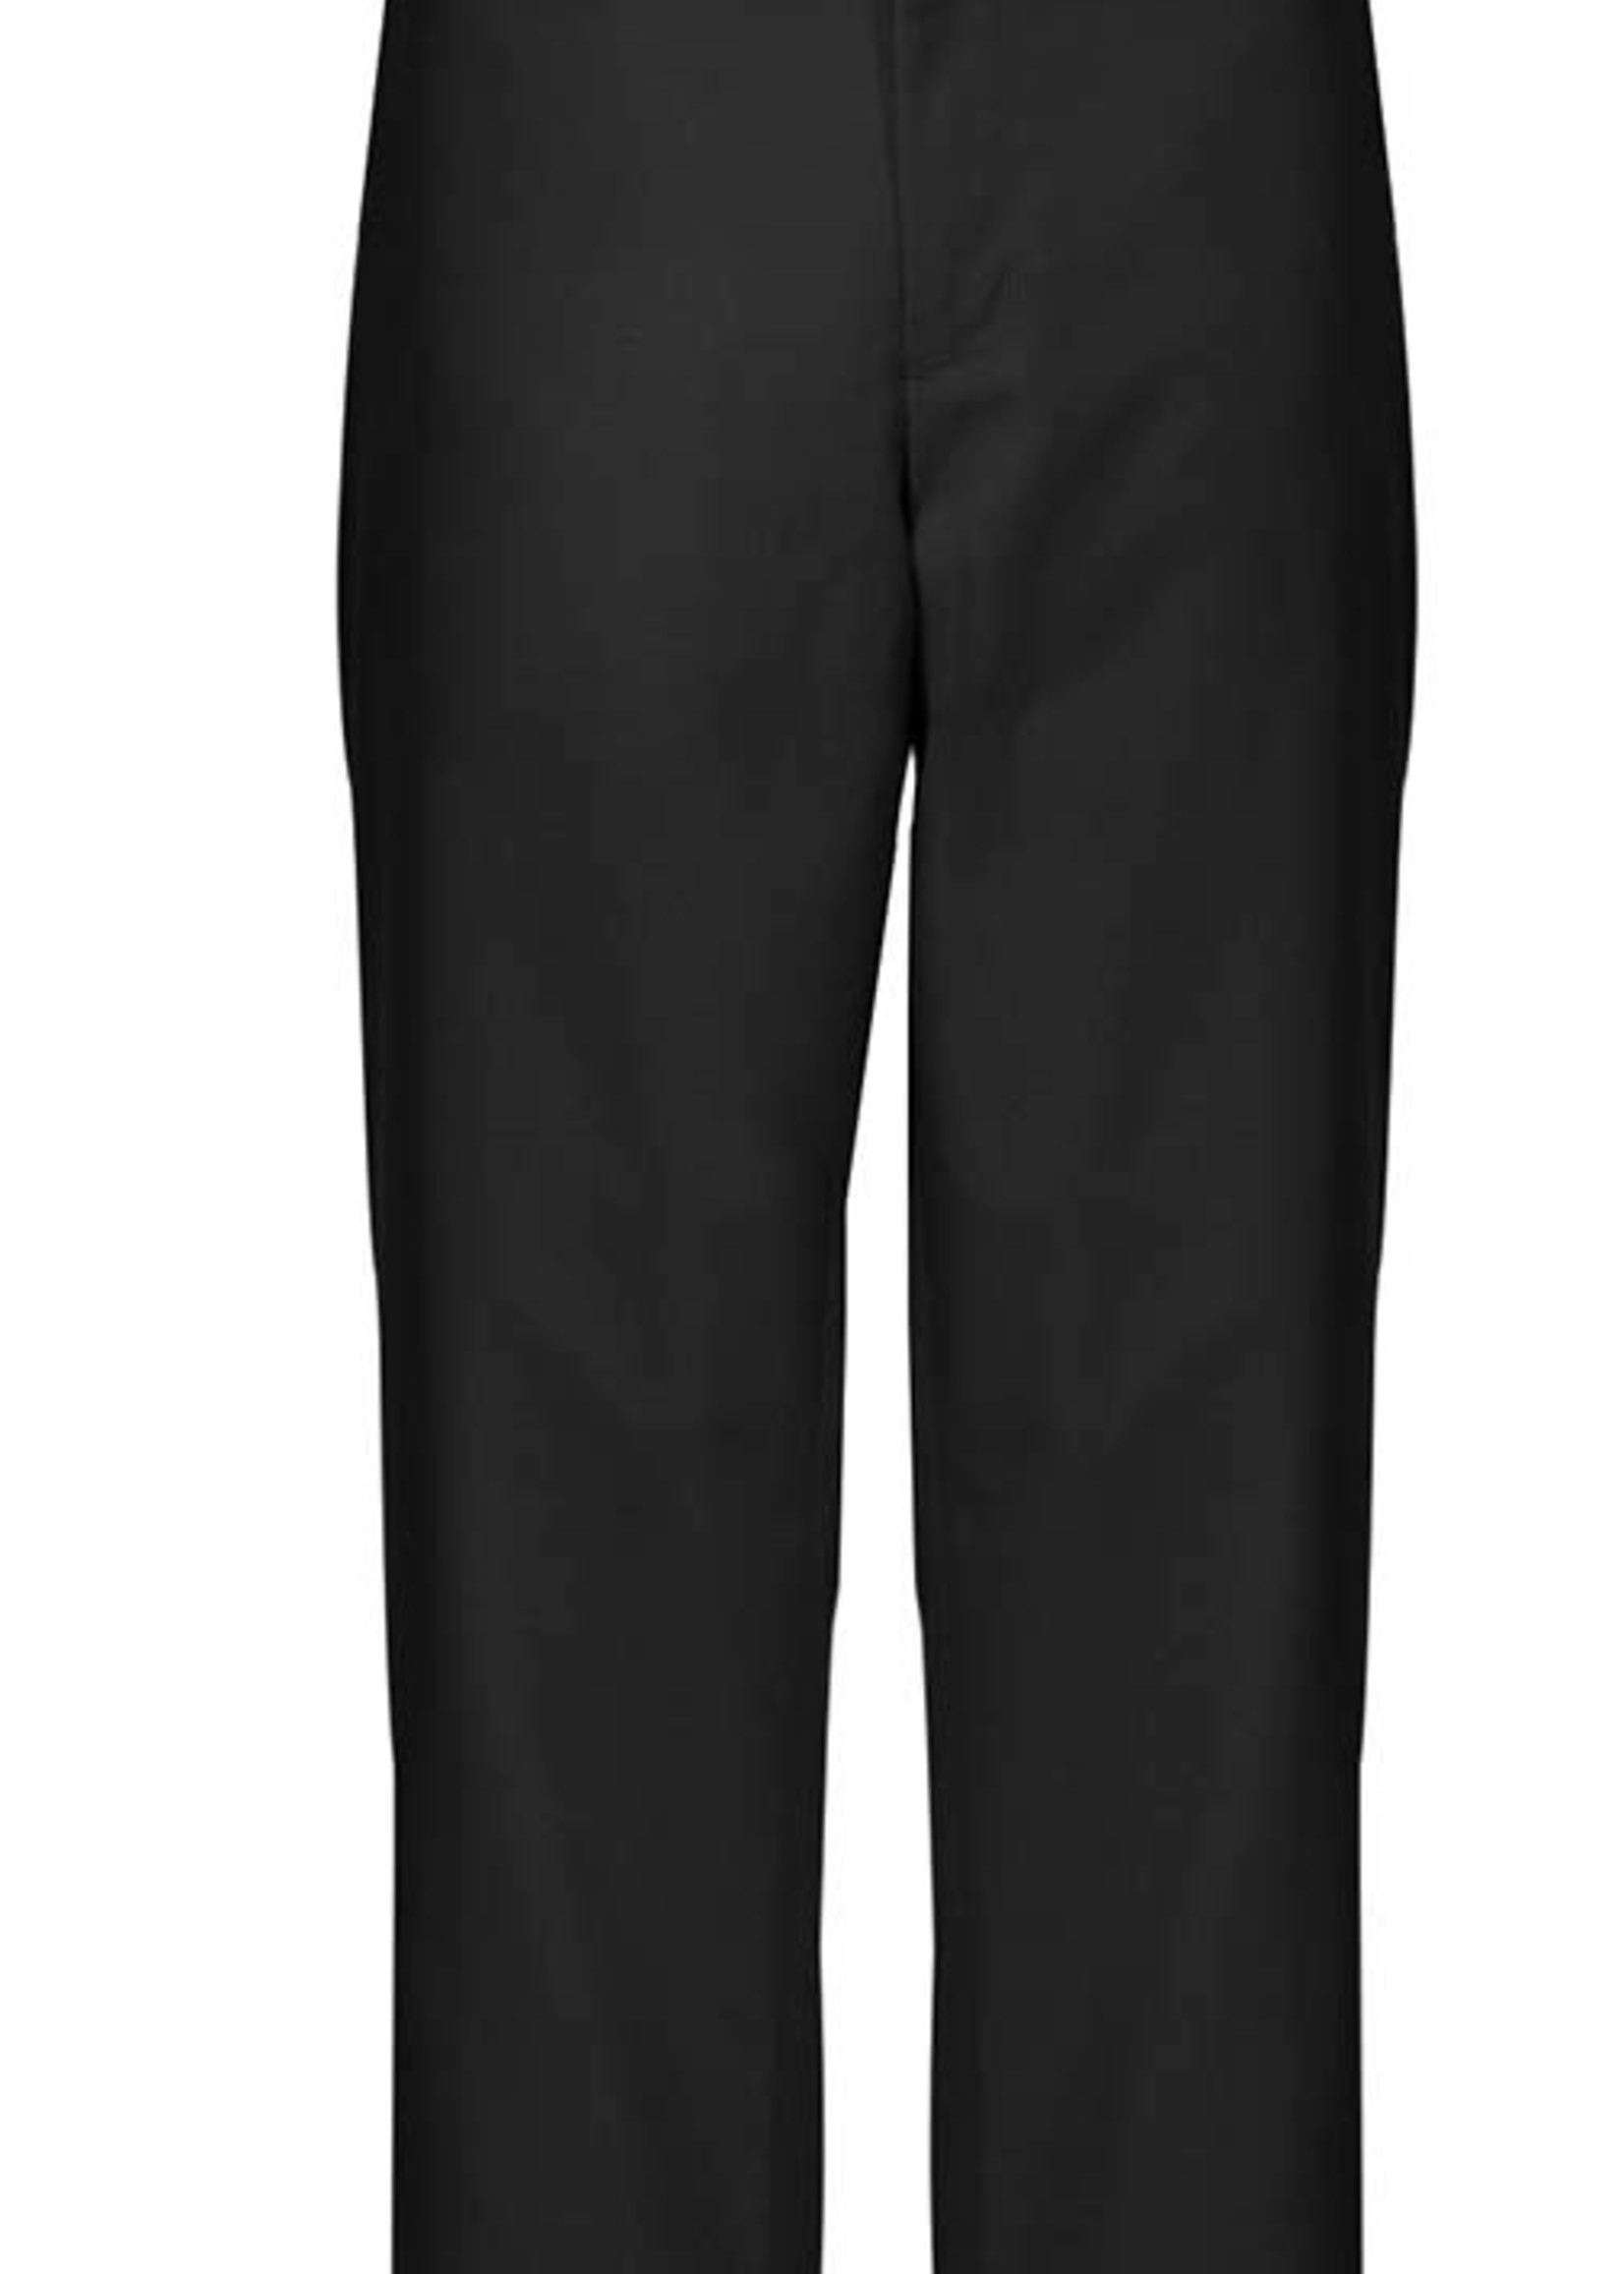 A+ Mens Black Flat Front Pants